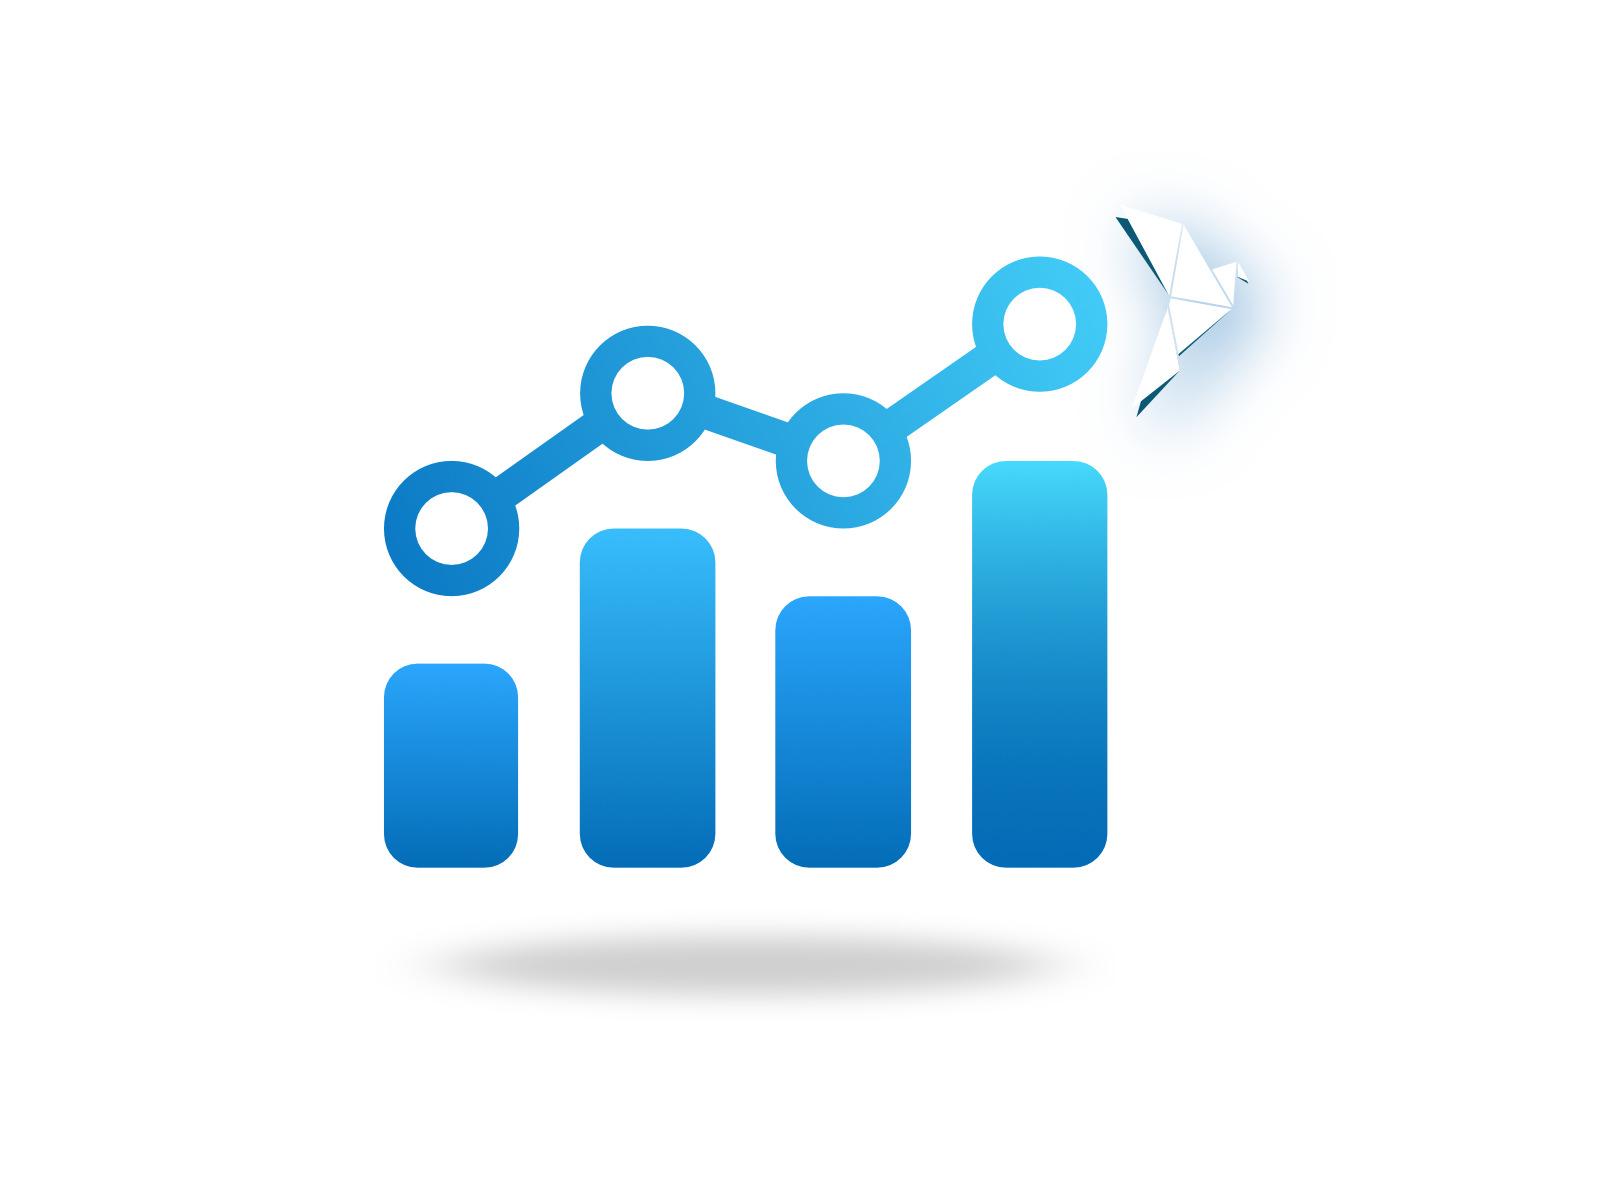 Donnée maîtrisée - L'intégralité de la donnée générée par vos contenus vous appartient. Nos outils de mesure de la performance vous restituent 100% de la donnée collectée et vous permettent ainsi de reprendre le contrôle sur ce qui compte vraiment.